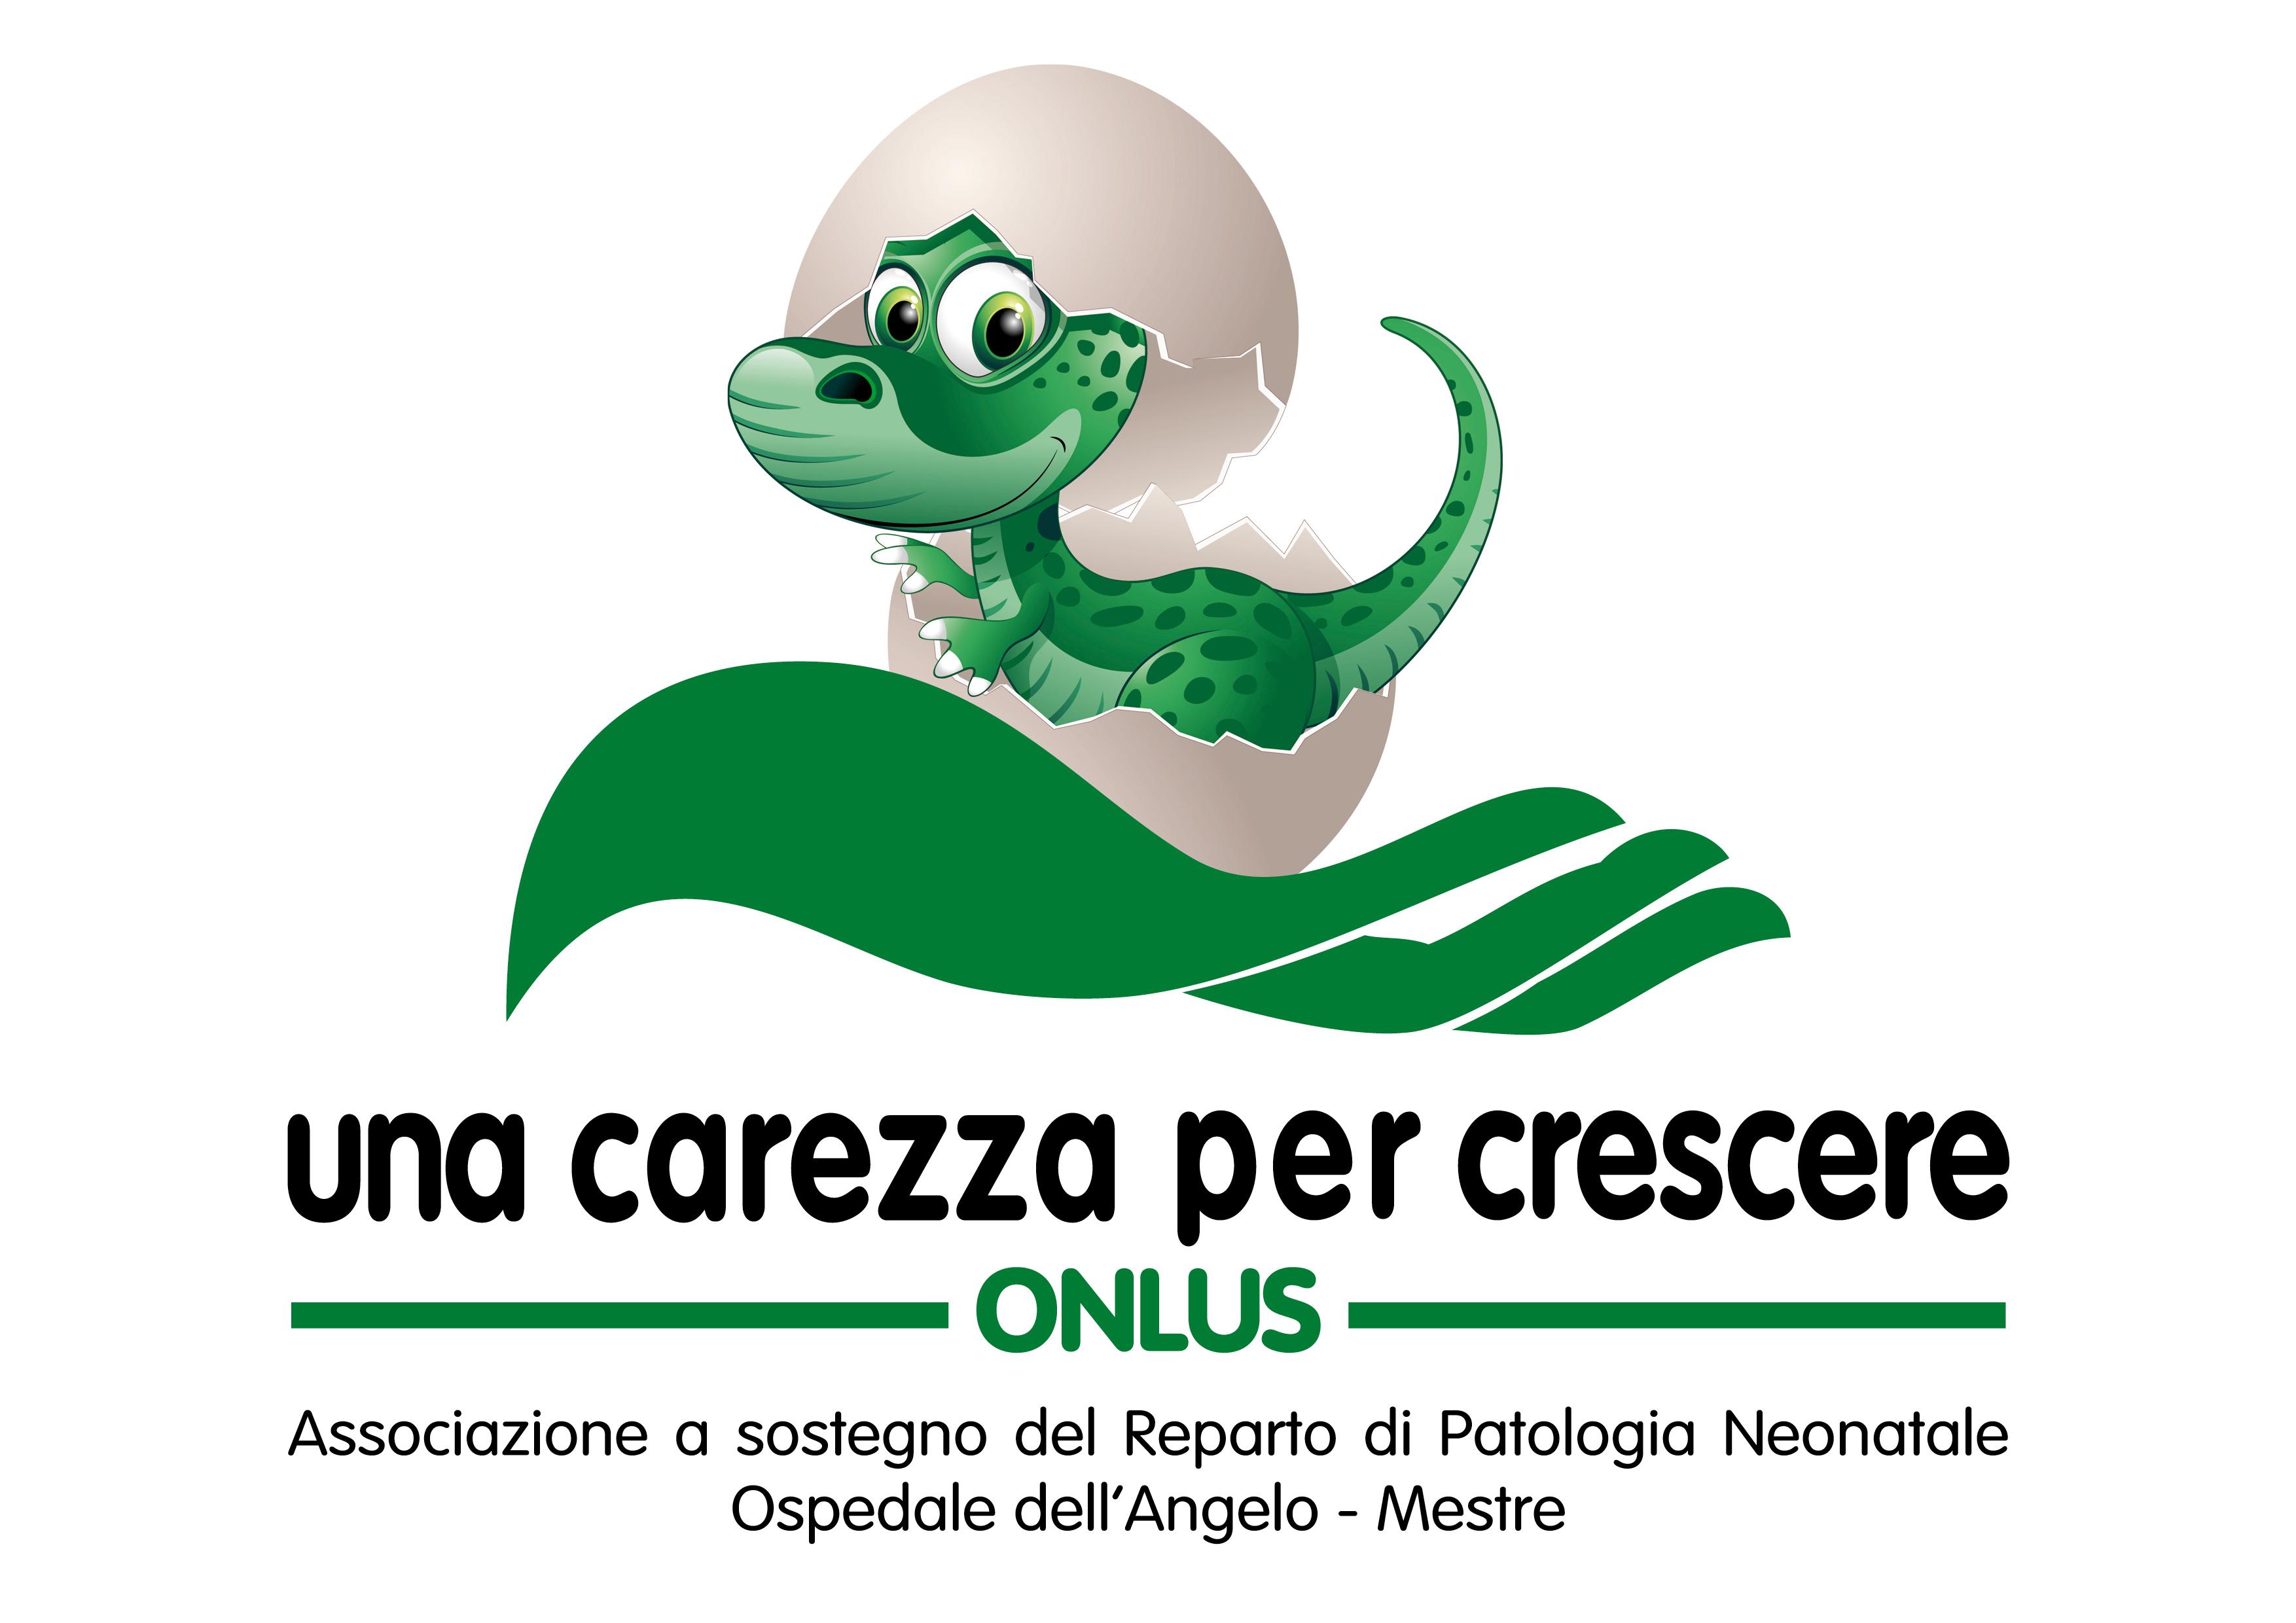 UNA CAREZZA PER CRESCERE logo